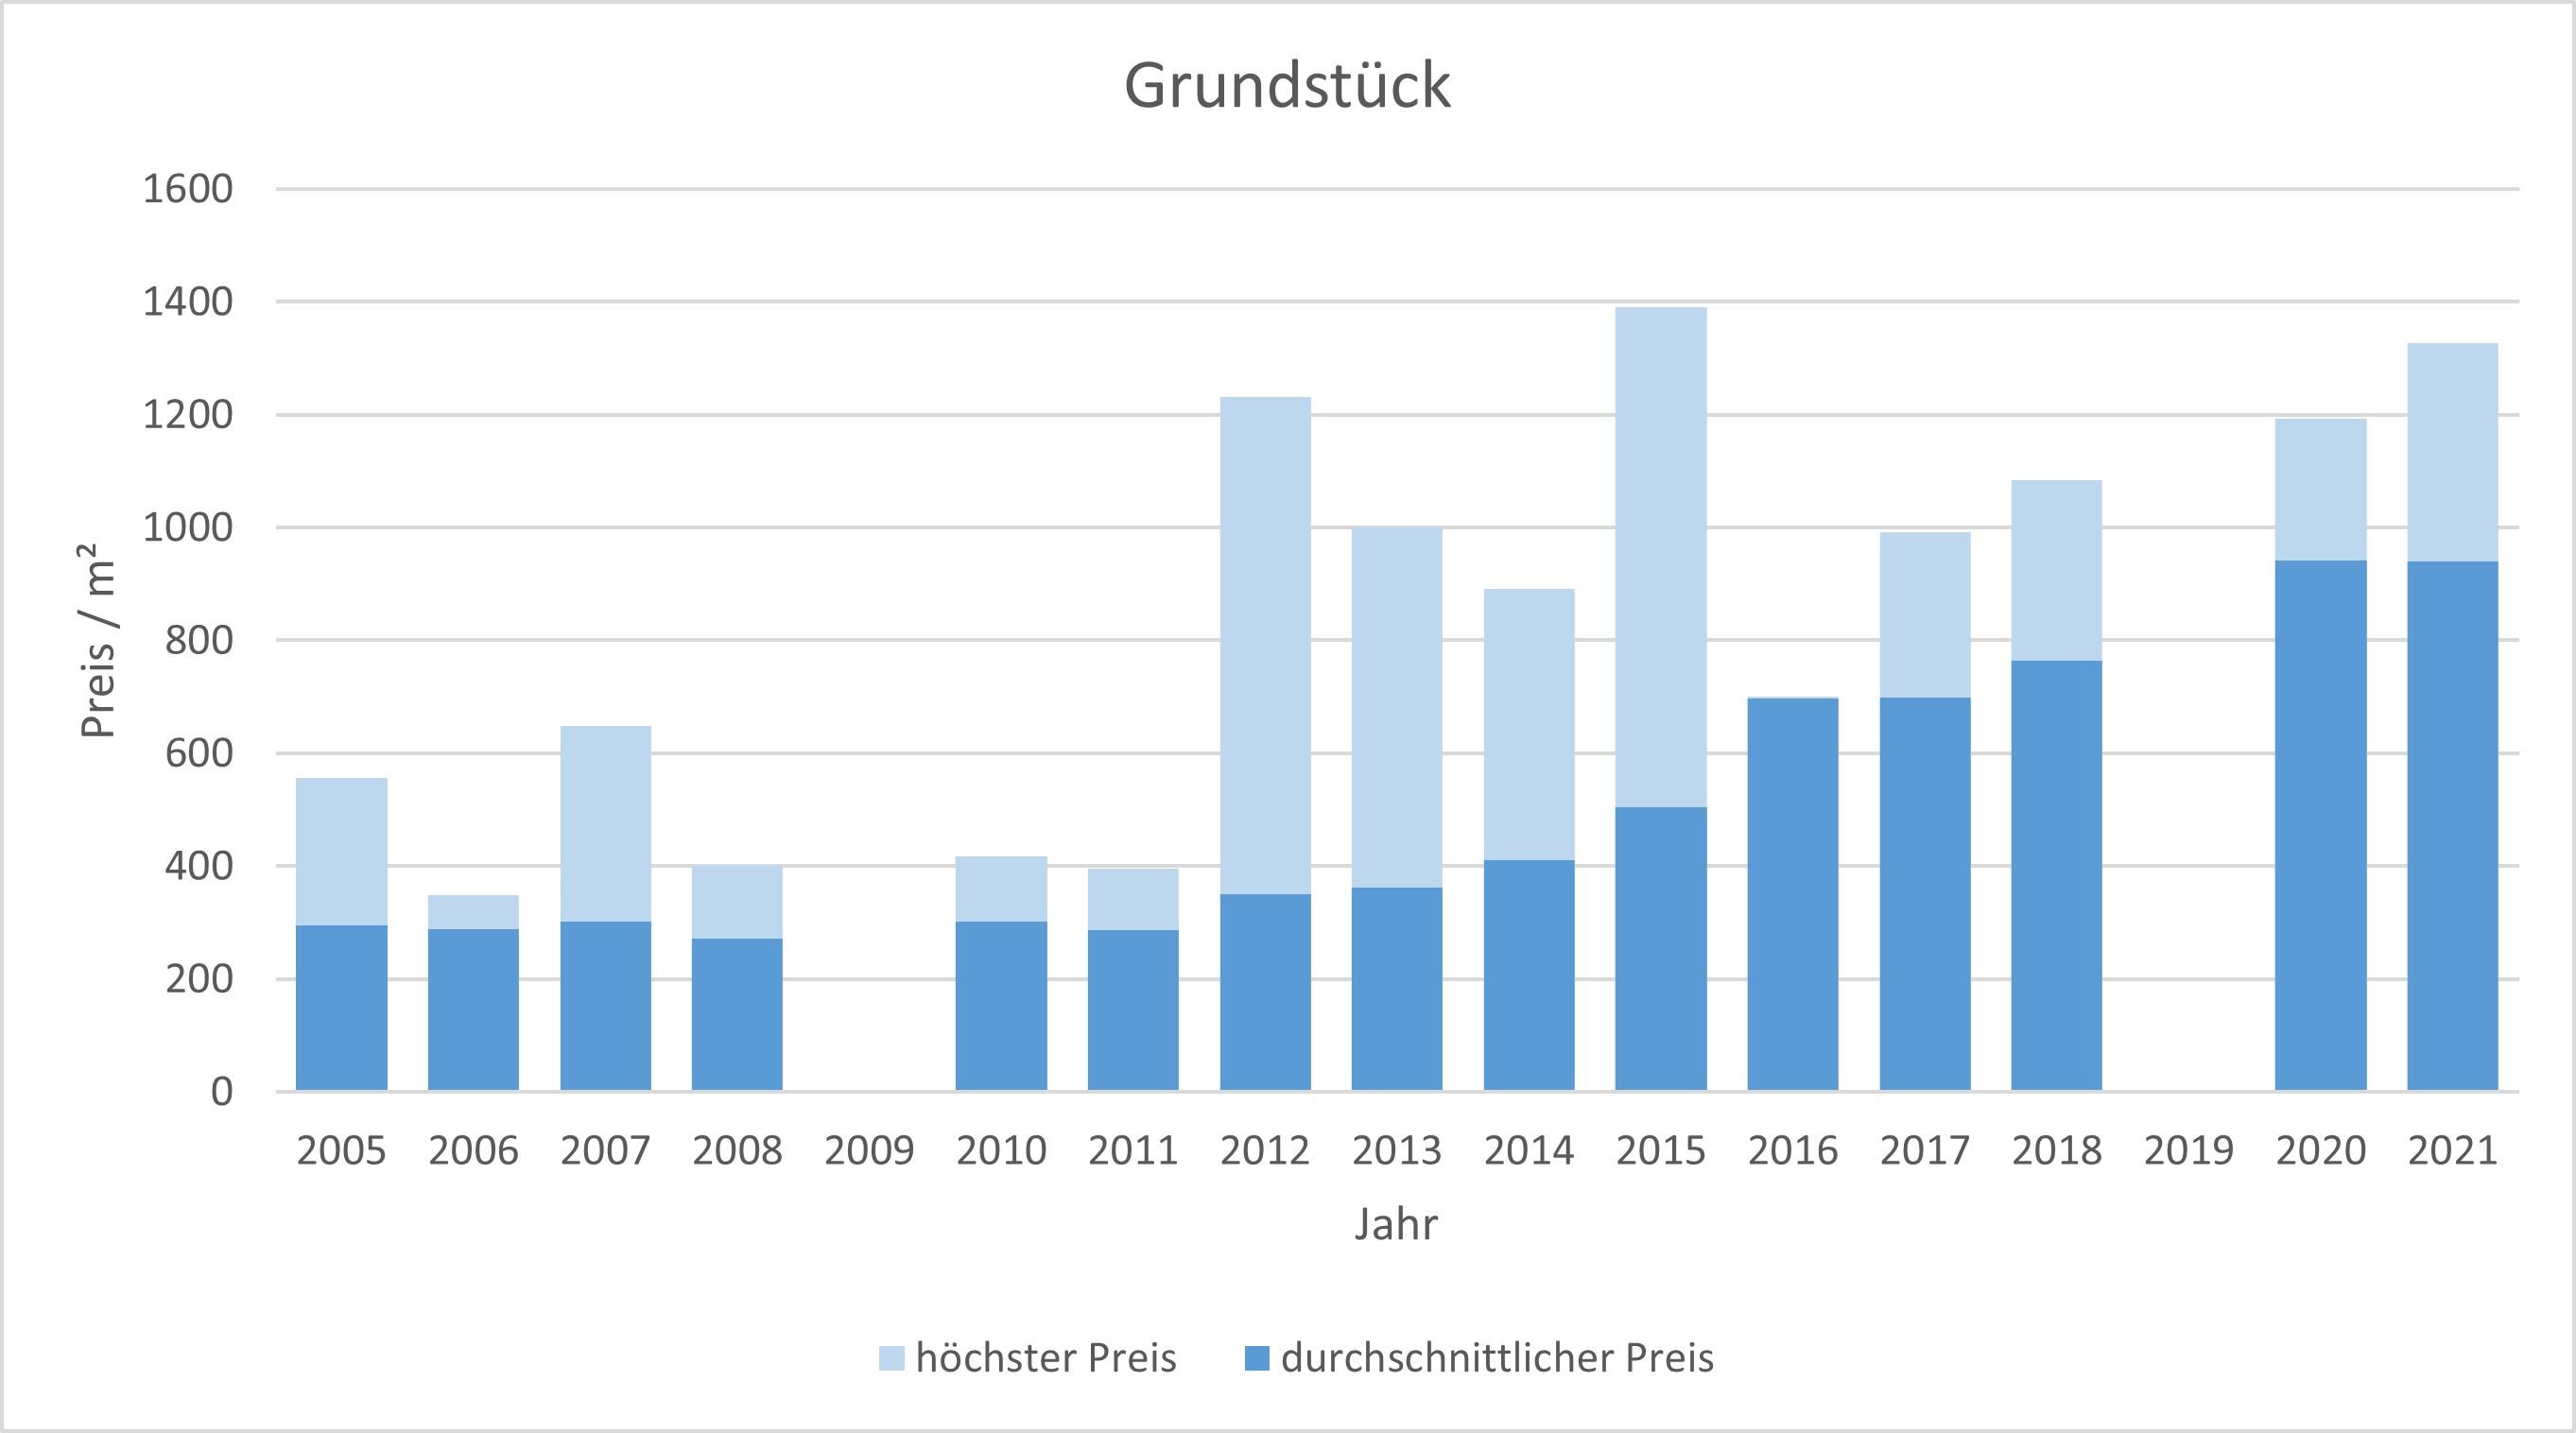 Bruckmühl Grundstück kaufen verkaufen preis bewertung makler www.happy-immo.de 2019 2020 2021